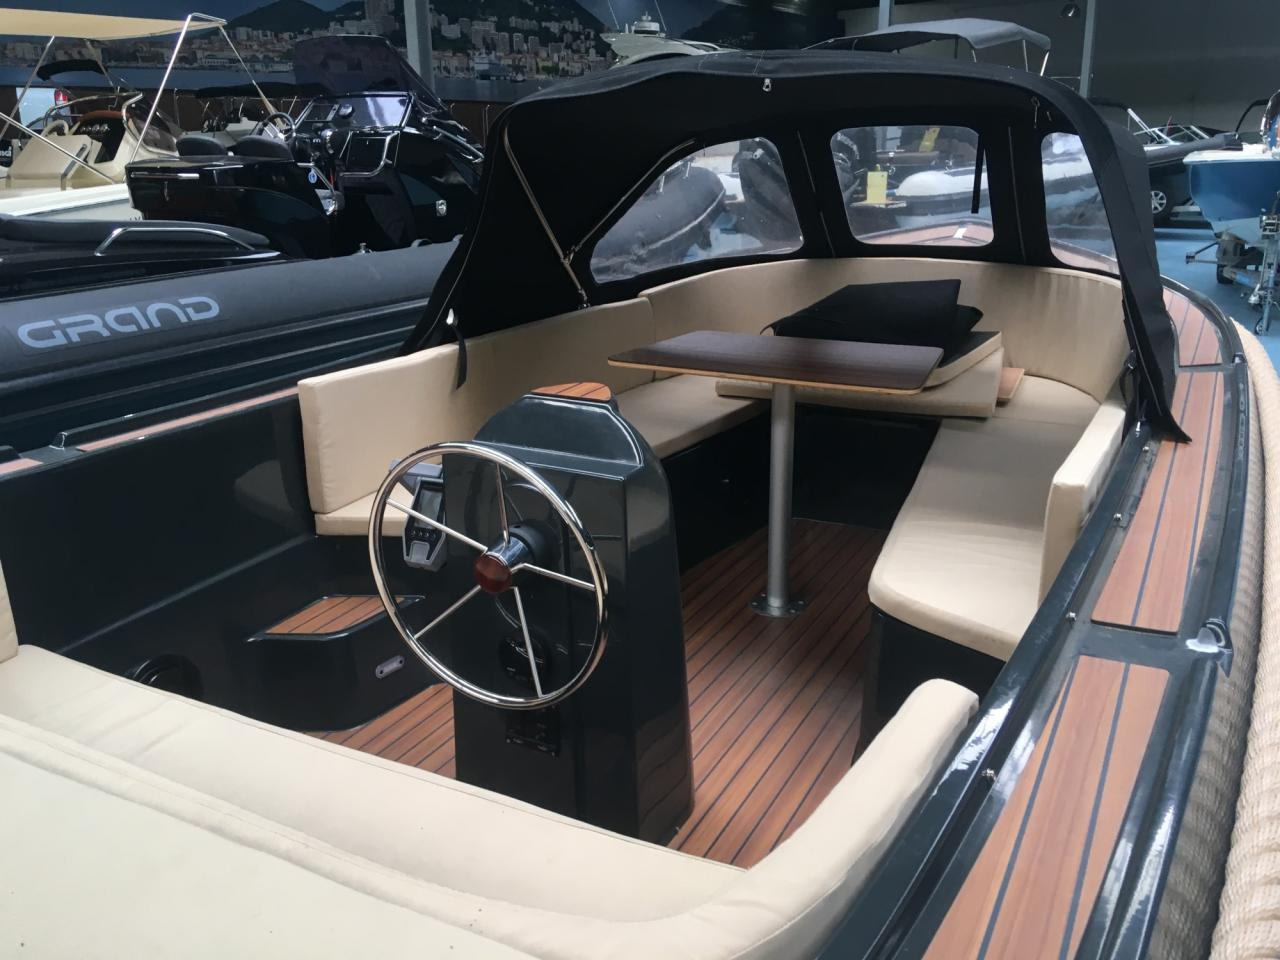 Anker 575 deluxe met Craftsman Navy 6.0 elektromotor 7